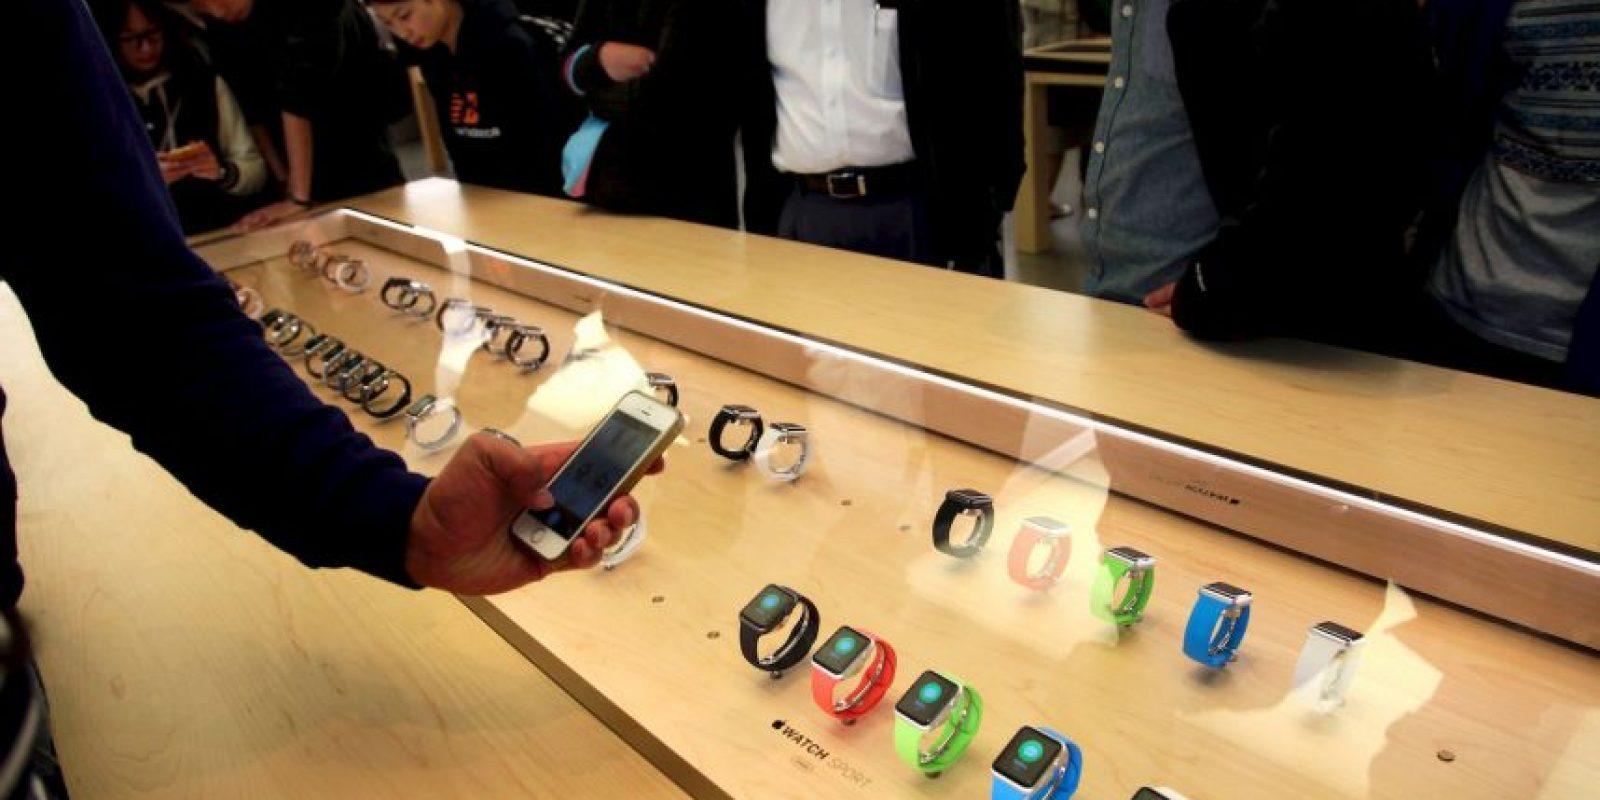 Desde el pasado 12 de abril se informó sobre la cifra de ventas alcanzada por el smartwatch de Apple, la cual ya supera el millón de unidades solicitadas. Foto:Getty Images